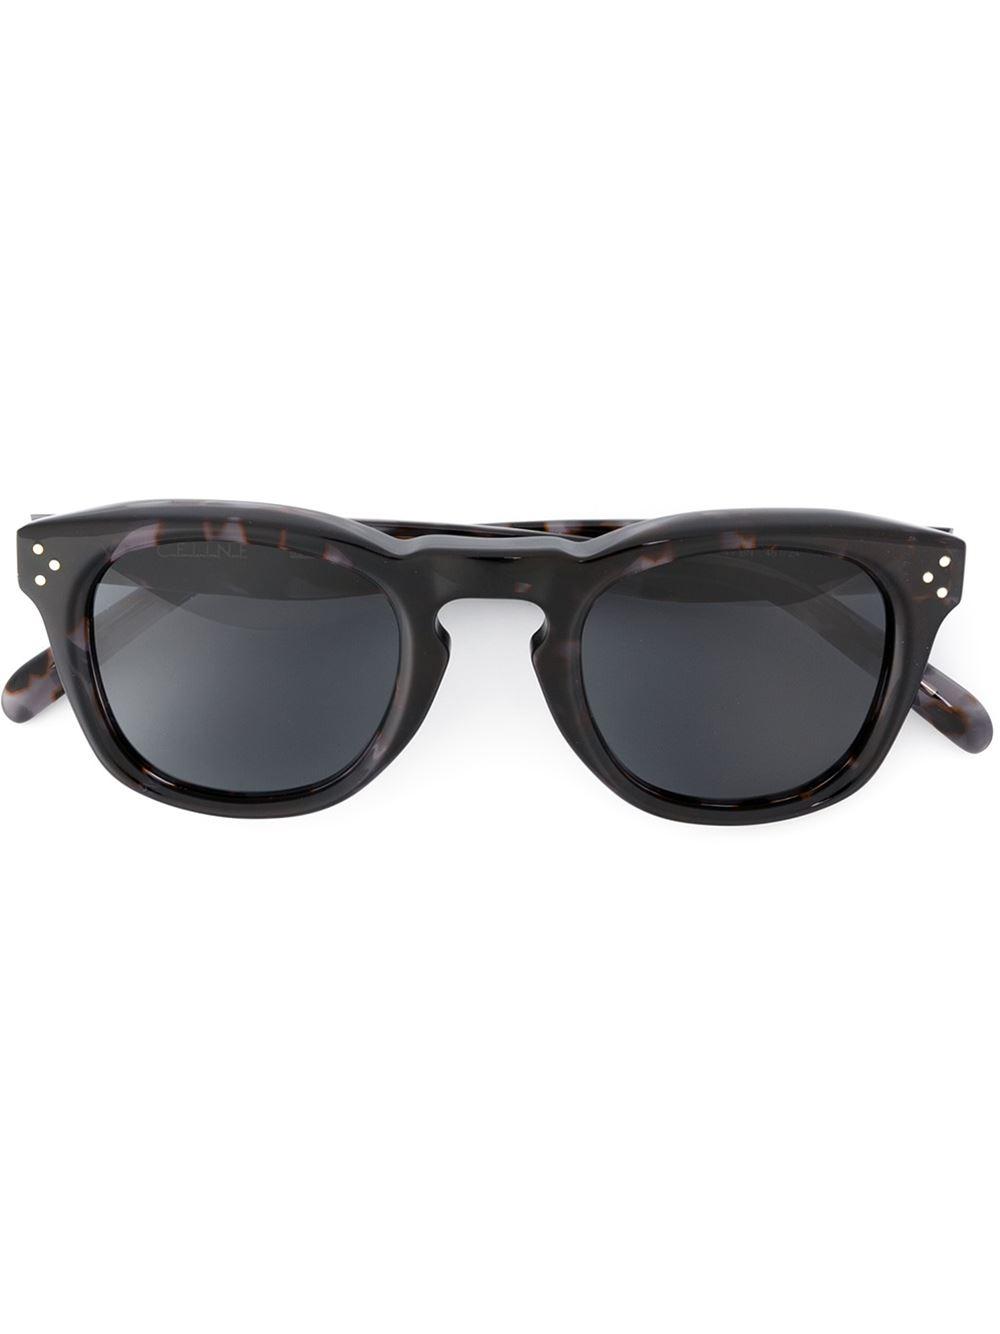 3caf7e89c15ad Céline  bevel Square  Sunglasses in Gray - Lyst